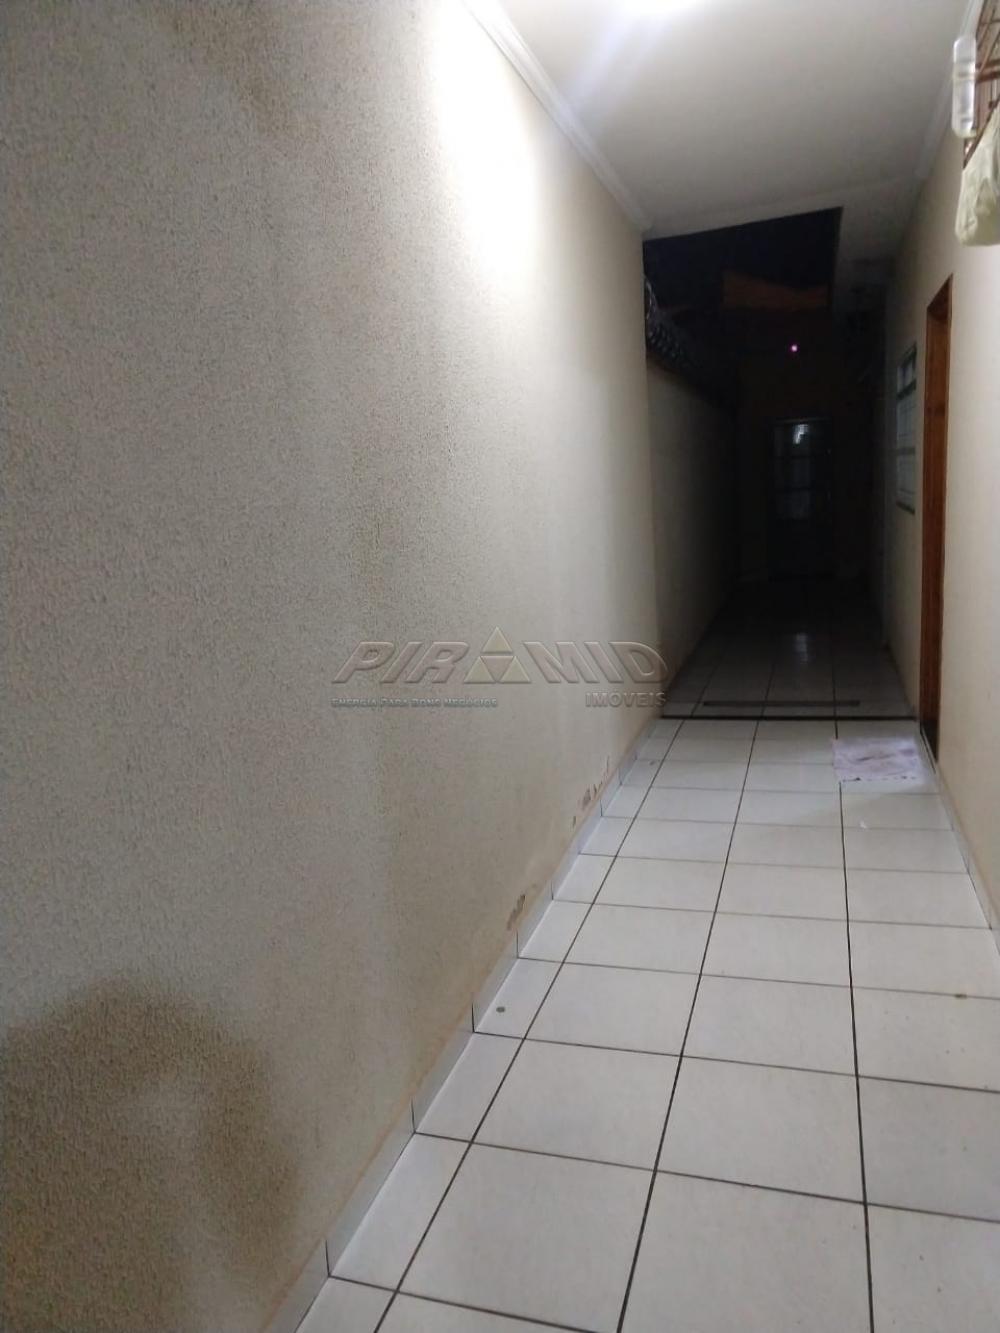 Comprar Casa / Padrão em Ribeirão Preto R$ 320.000,00 - Foto 20